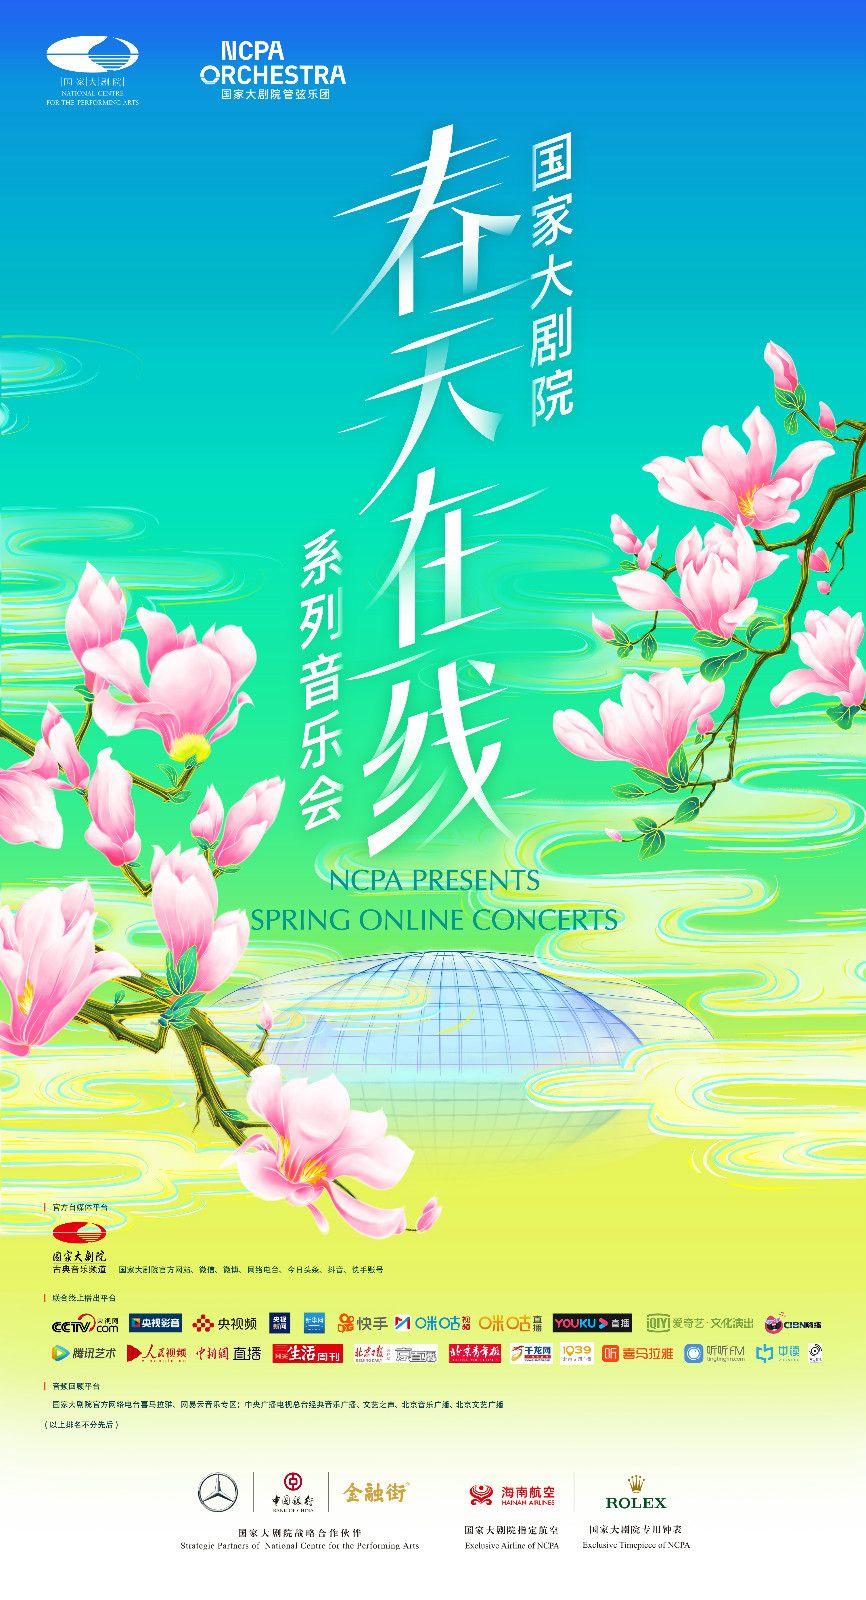 [蓝冠]院蓝冠春天在线系列音乐会4月11日晚图片